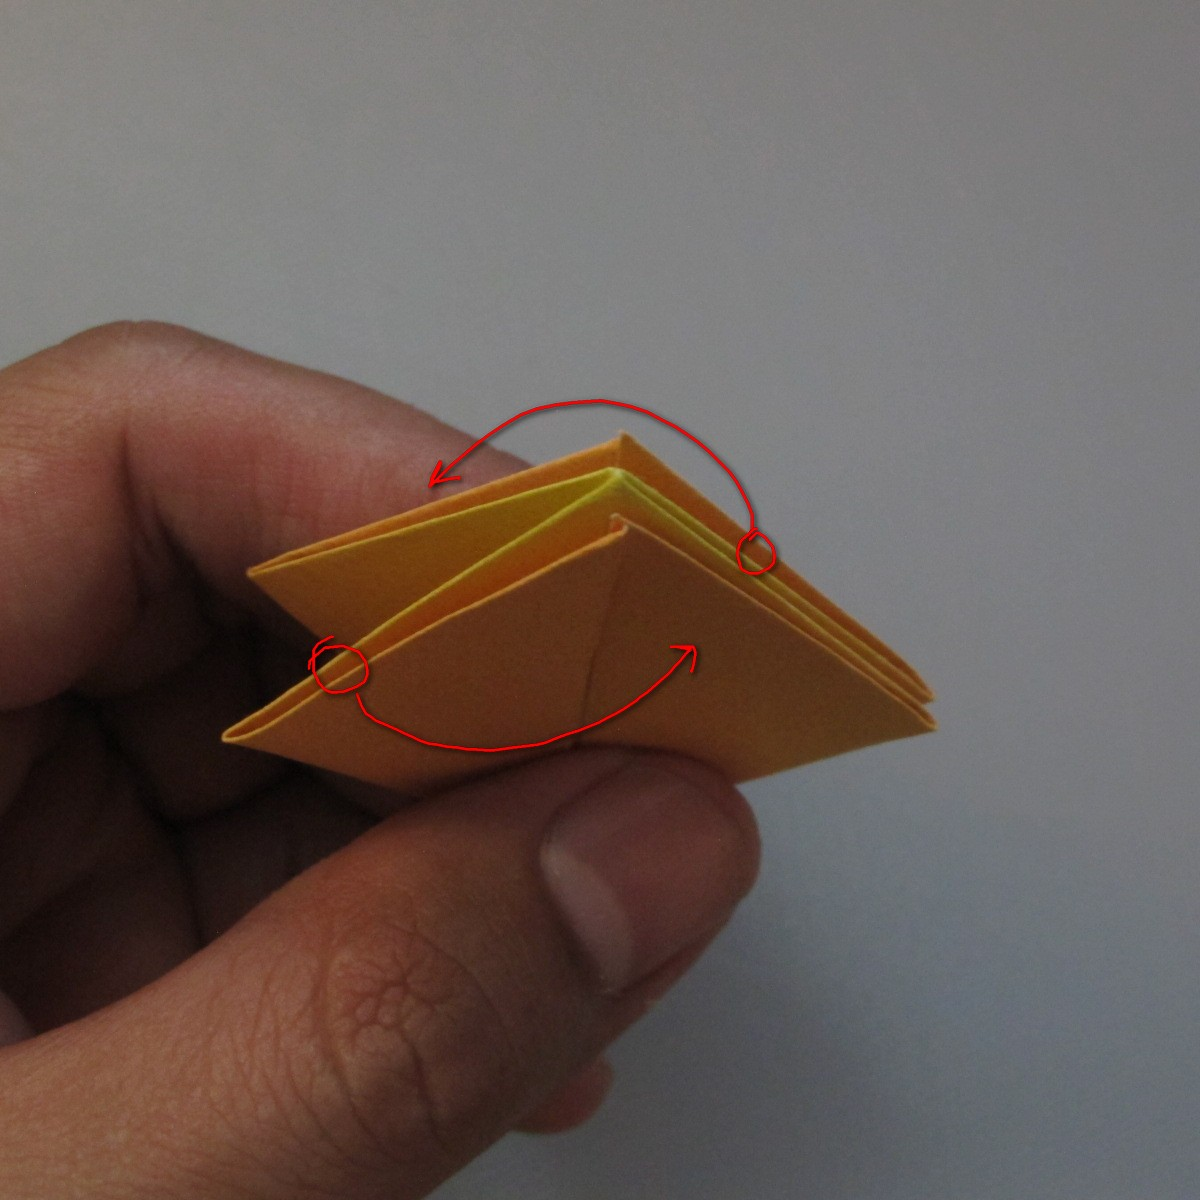 วิธีพับกระดาษเป็นดอกทิวลิป 008